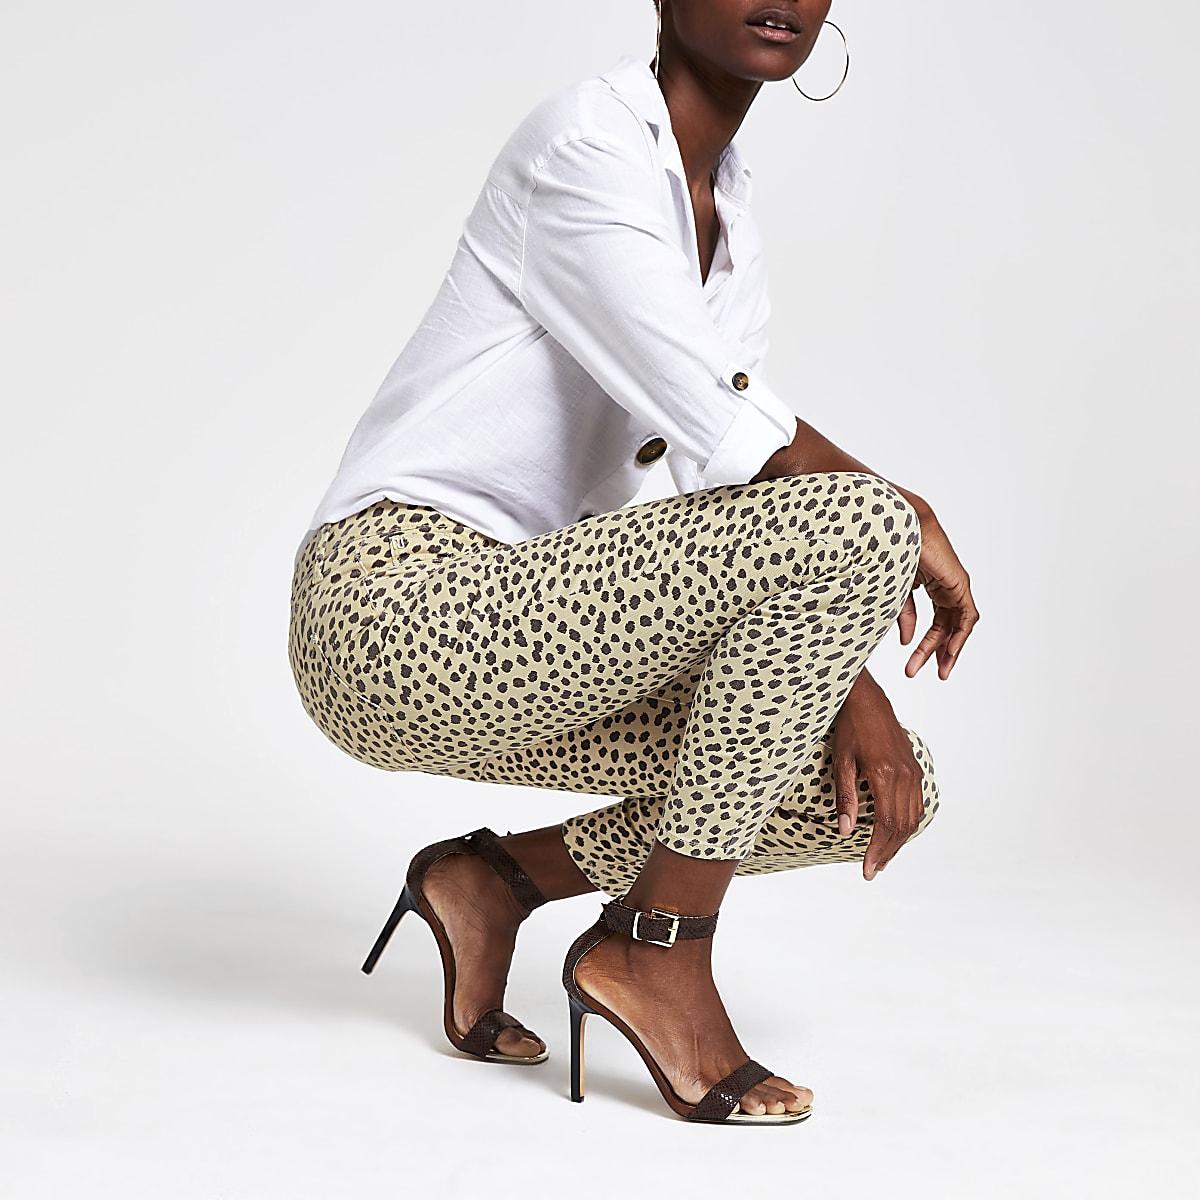 c2a31ed4eab8b Beige leopard print jeggings - Jeggings - Jeans - women